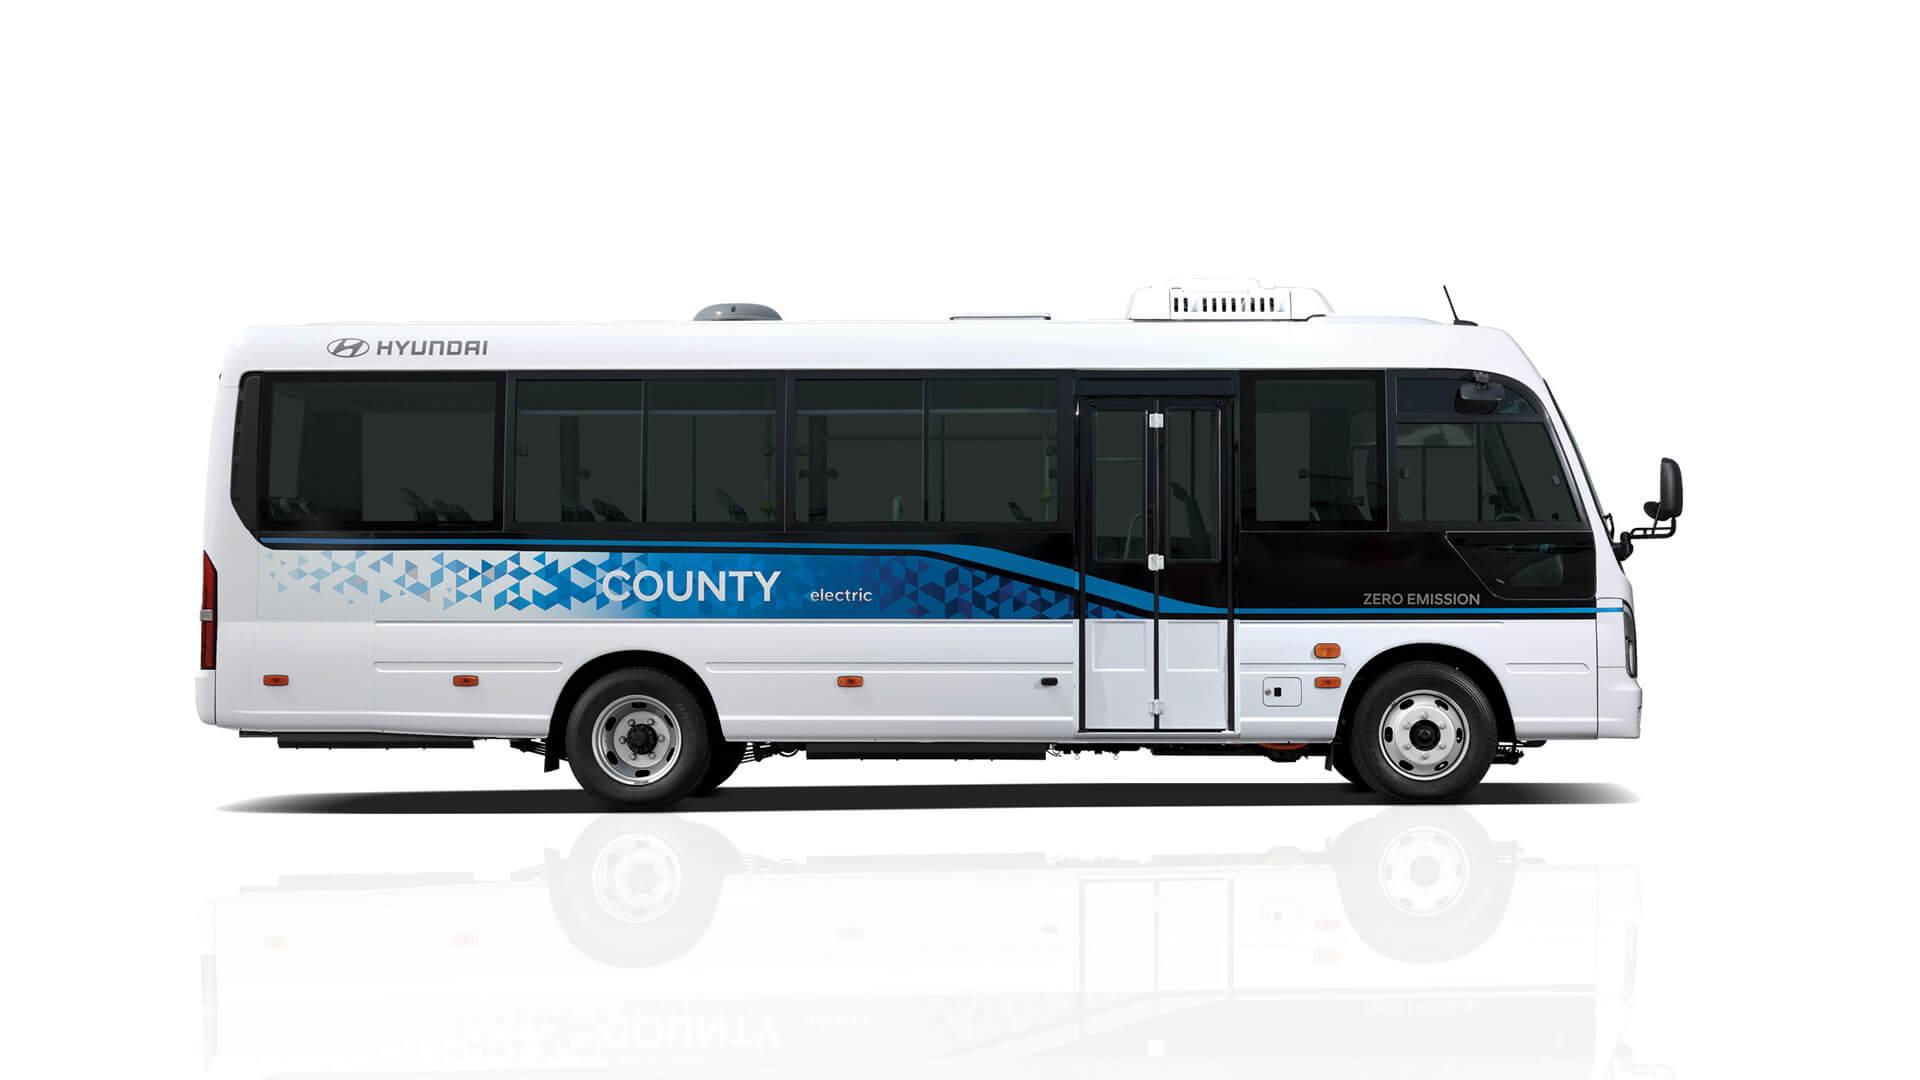 Hyundai выпускает электрический микроавтобус County Electric в Южной Корее